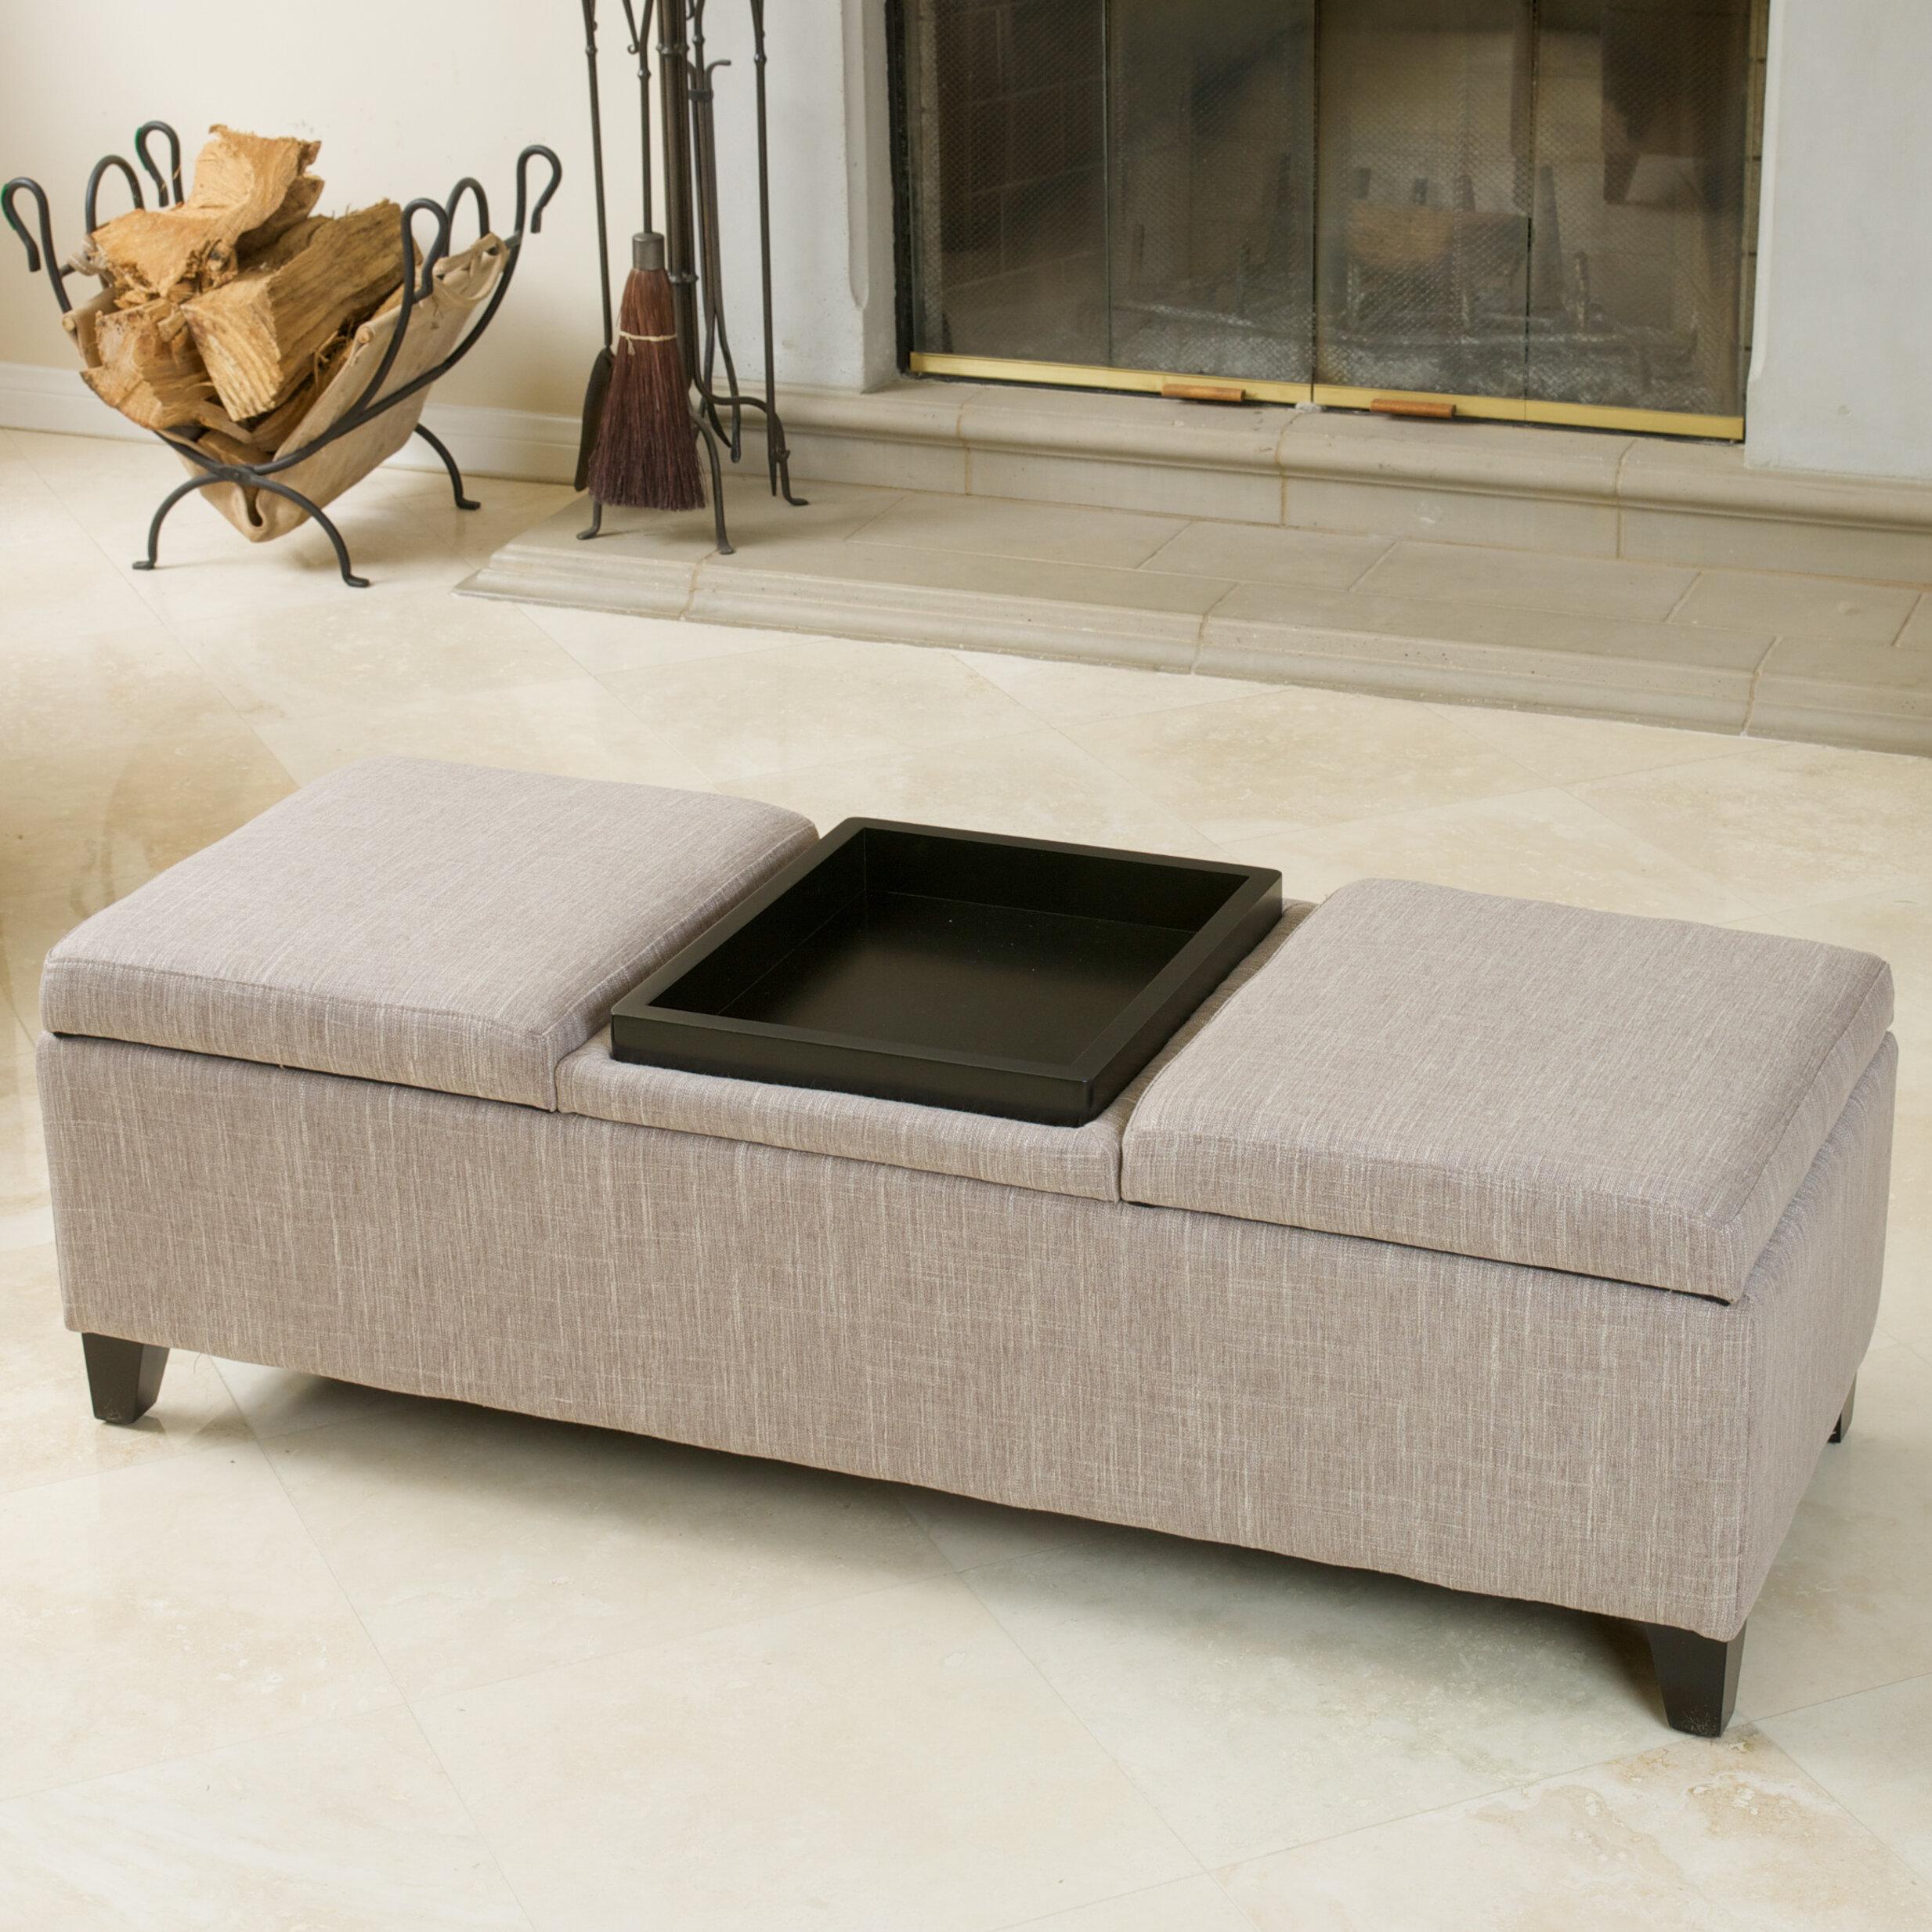 Magnificent Schmidt Storage Ottoman Ibusinesslaw Wood Chair Design Ideas Ibusinesslaworg